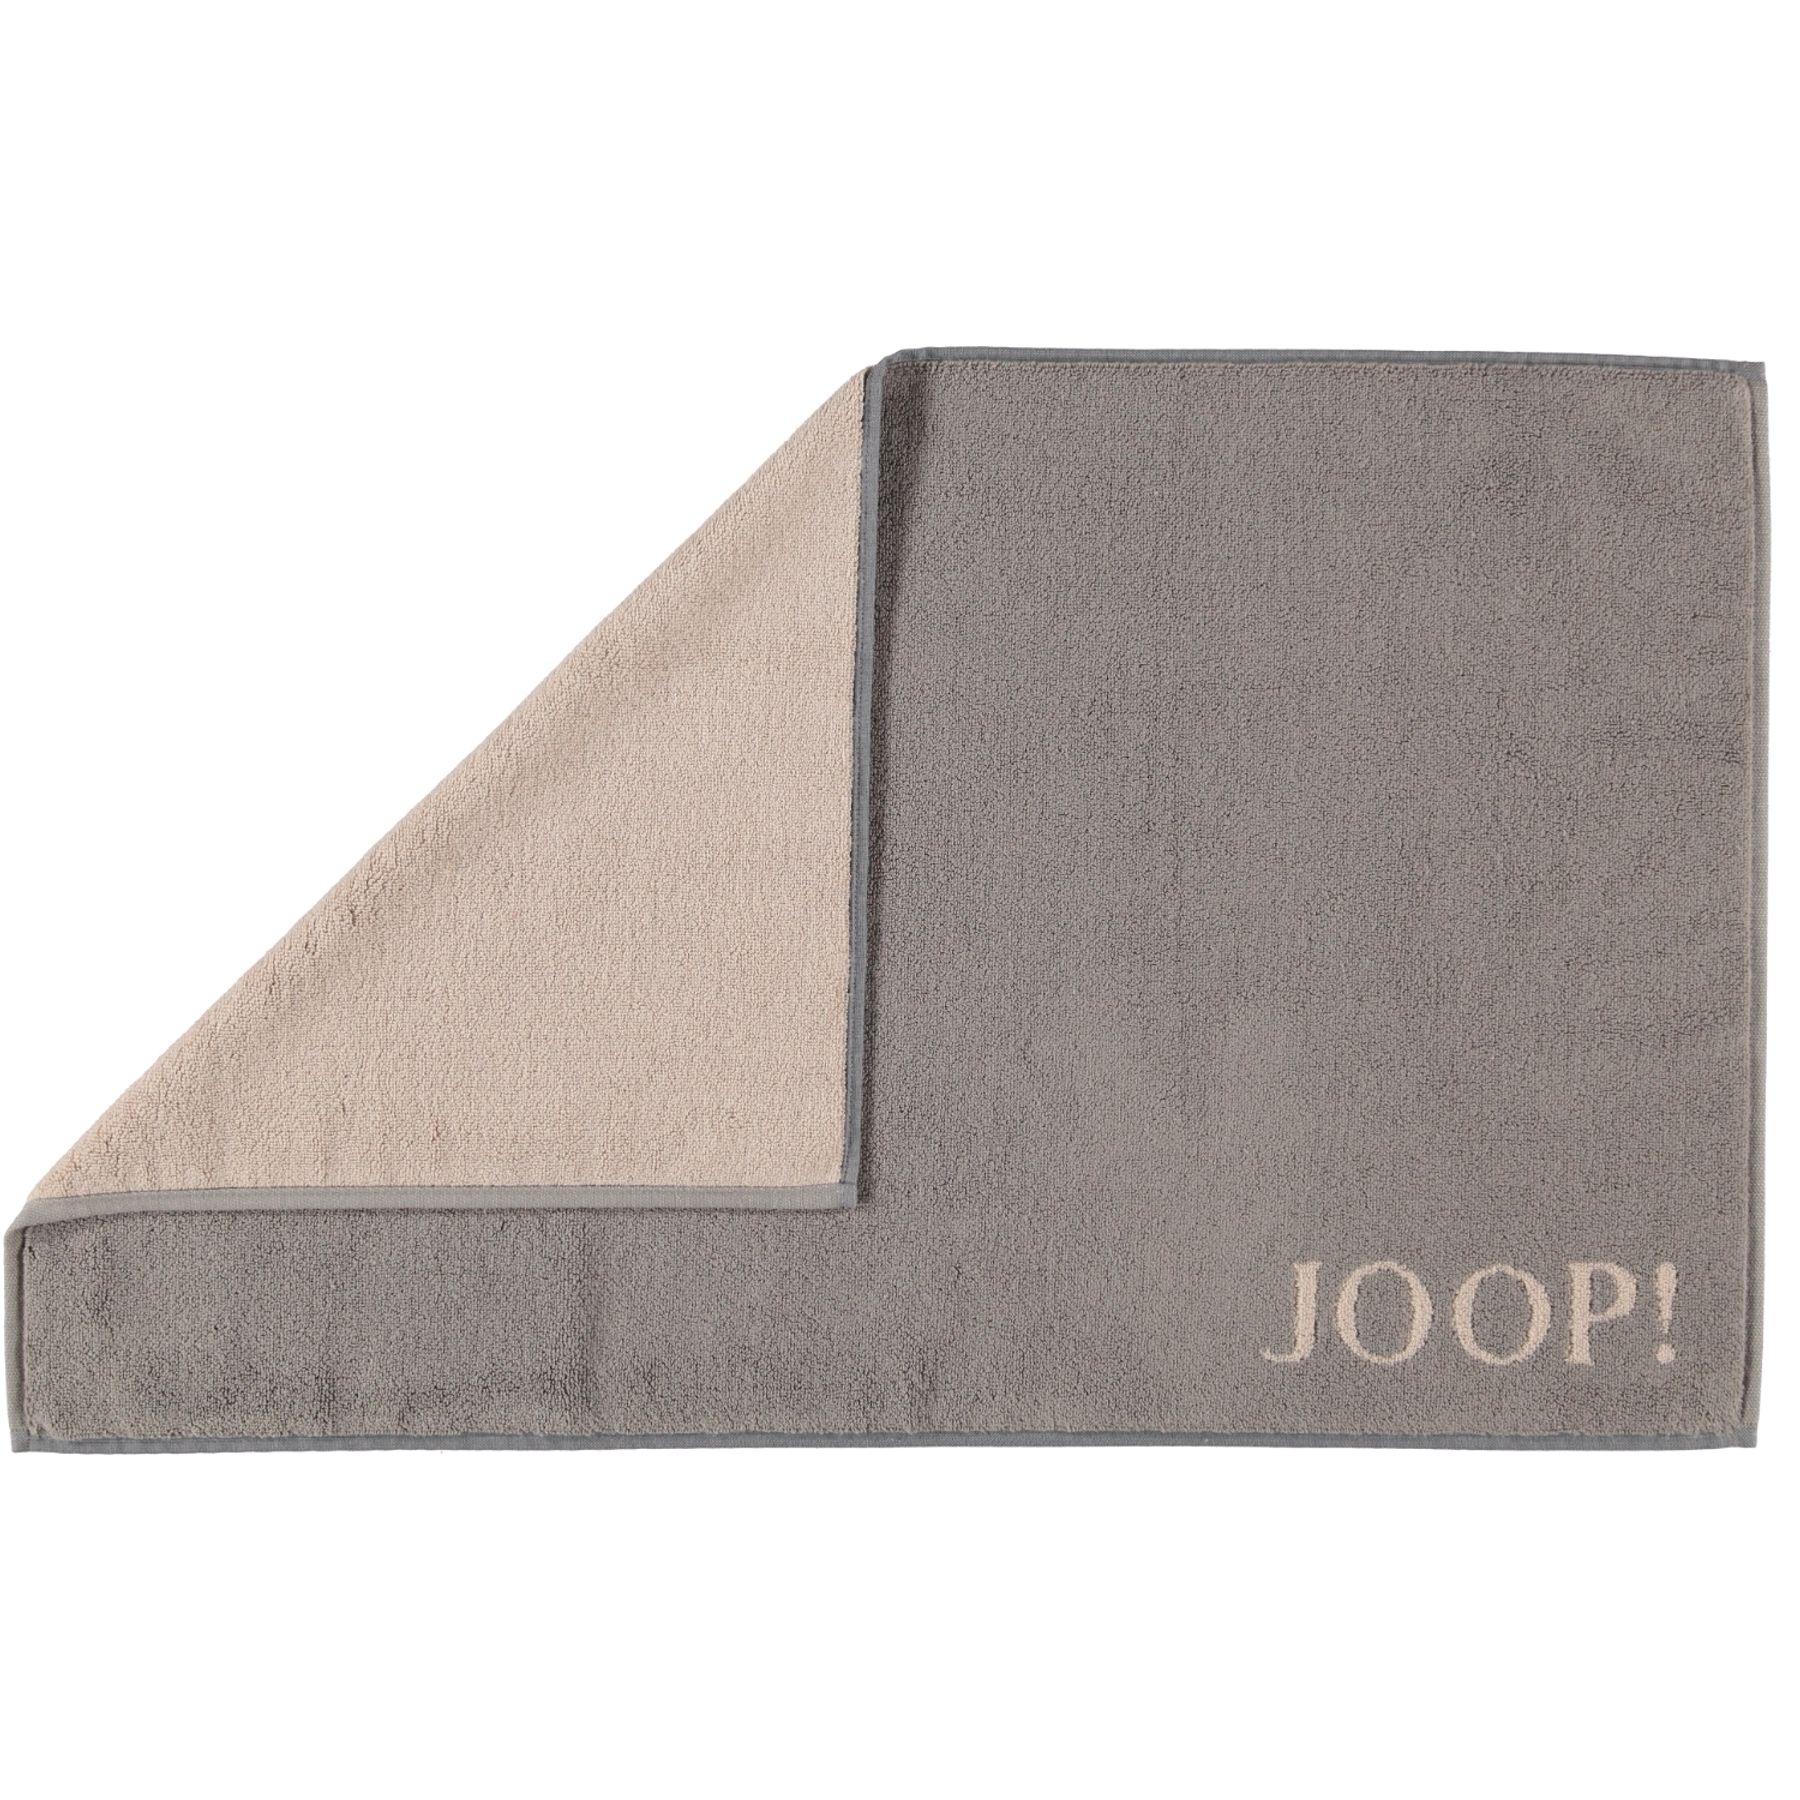 JOOP! - Badematte, Classic Doubleface in versch. Farben (1600)  – Bild 2